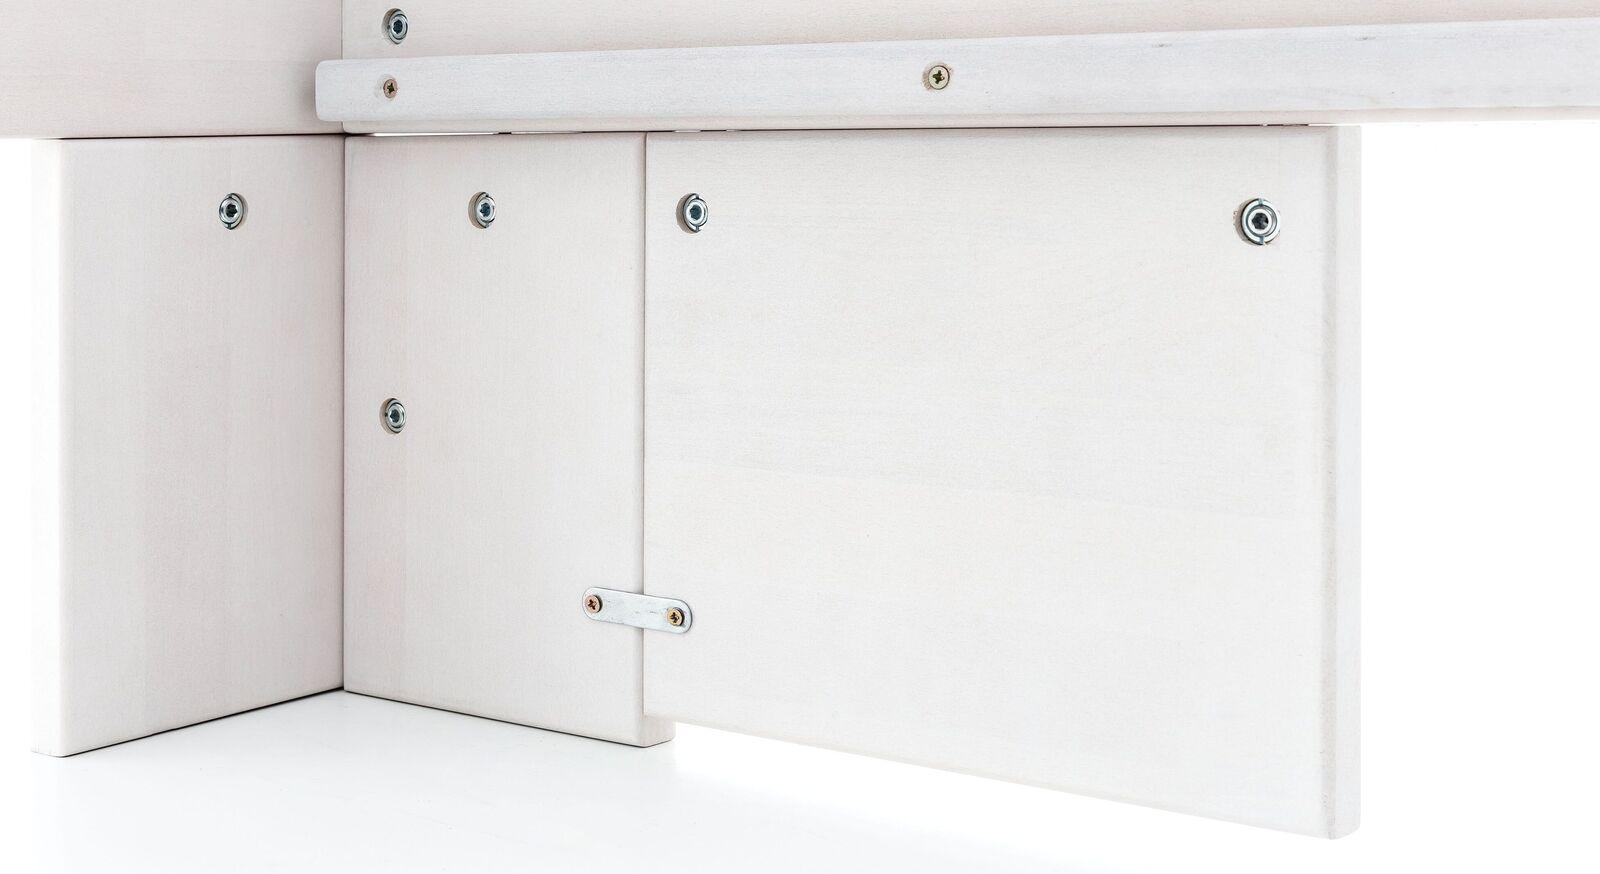 Schubkasten-Bett Valor mit praktischer Blende